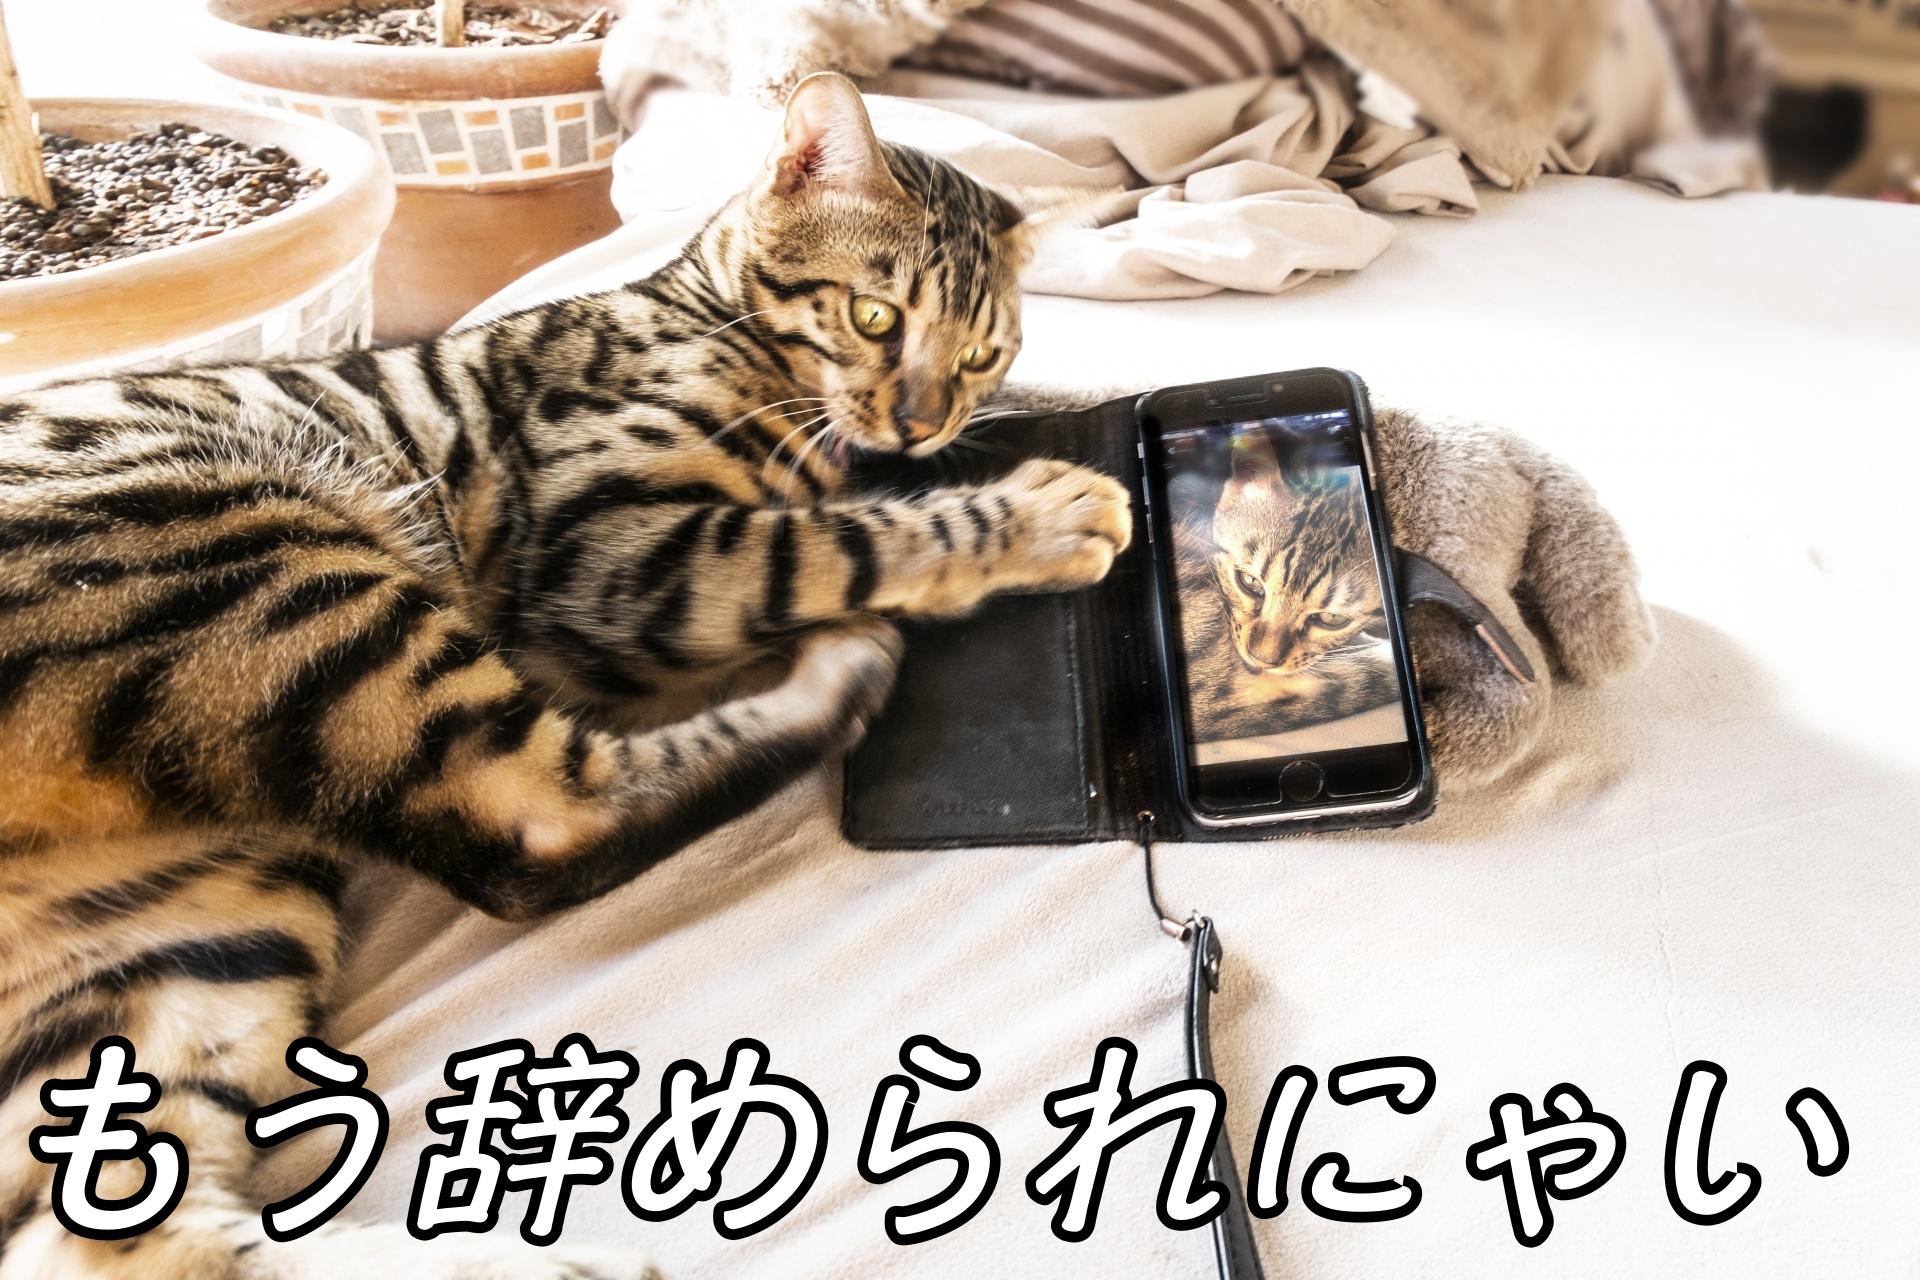 スマホとじゃれる猫